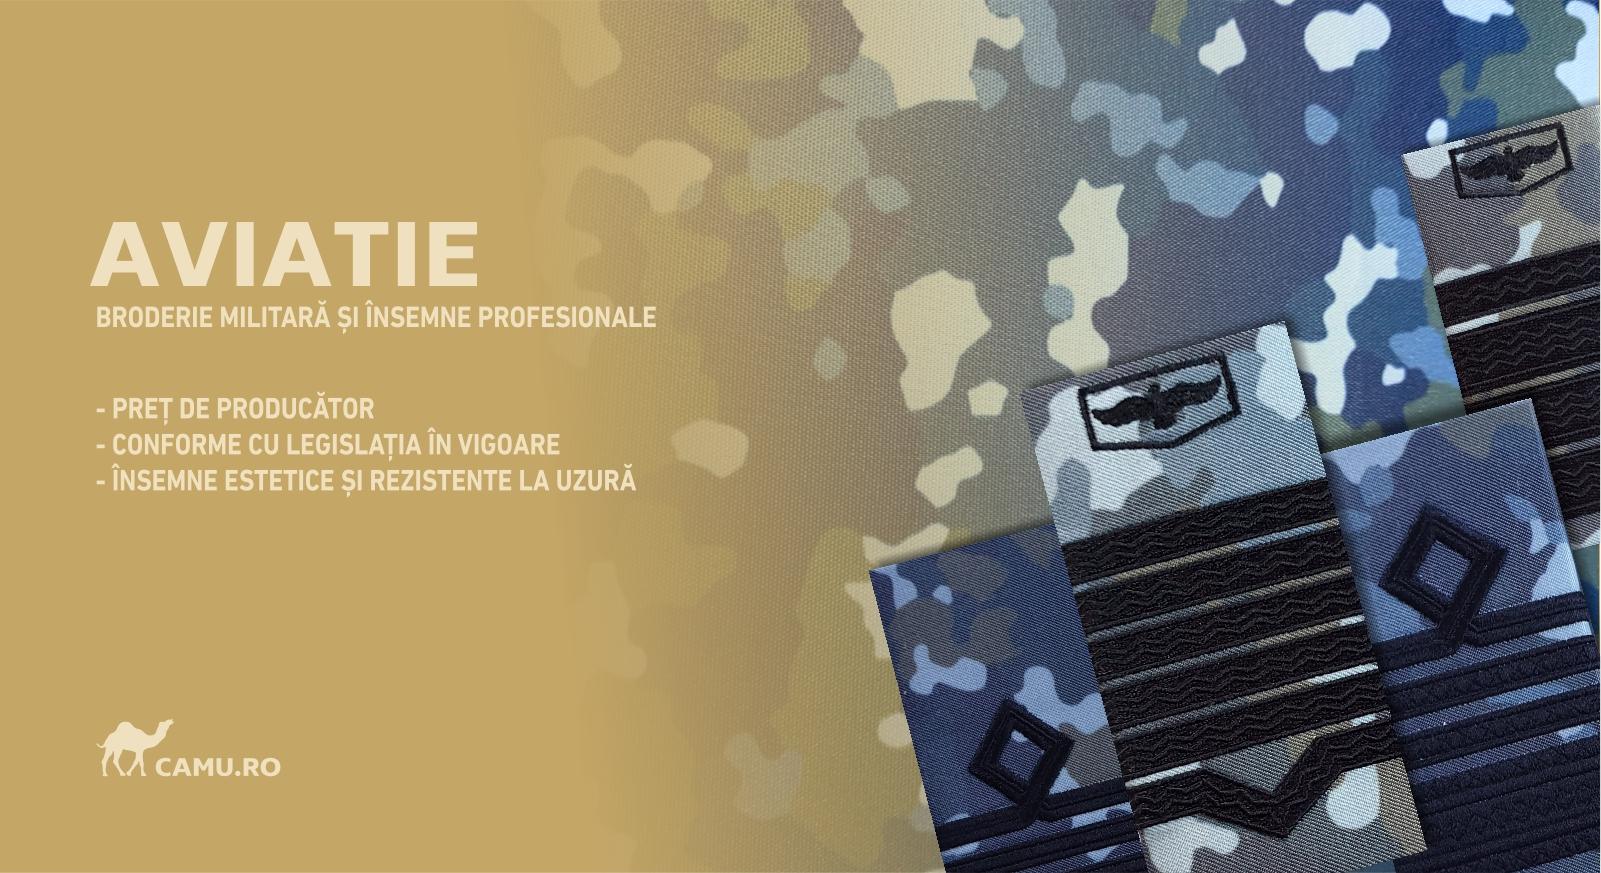 GRADE OFITERI AVIATIE COMBAT - COMANDOR Grade Militare Combat AVIATIE de vânzare | Grade Ofiteri Aviatie | Grade Subofiteri Aviatie | Grade Maistri Militari Aviatie | Embleme Aviație MAPN | Petlițe Aviație | Ecusoane Aviație | Nominale și alte însemne distinctive pentru uniforma Aviației Române MAPN Combat/Ripstop.